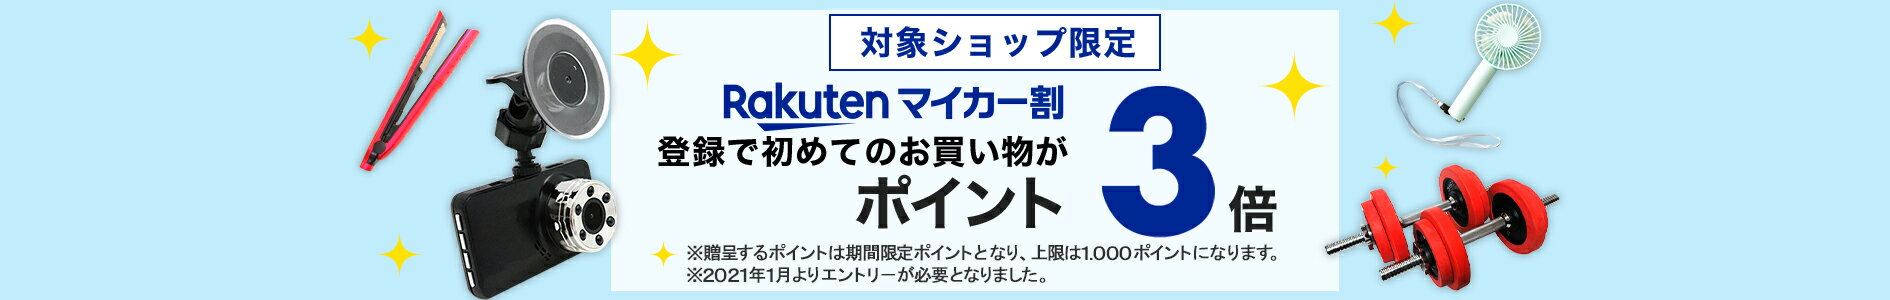 対象ショップ限定Rakutenマイカー割 登録で初めてのお買い物がポイント3倍